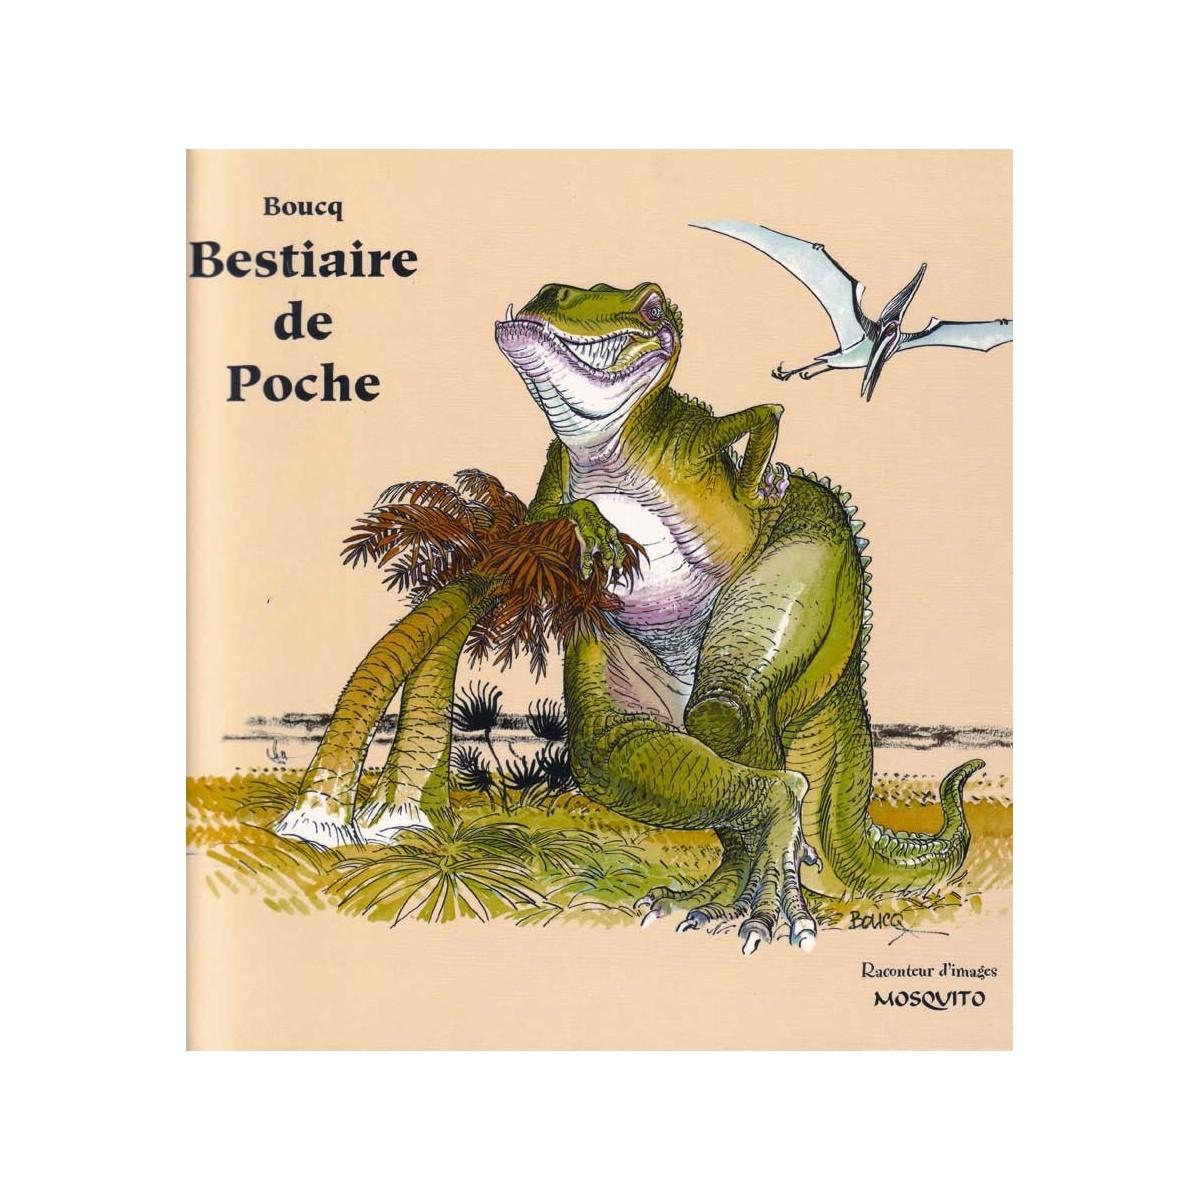 Boucq : Bestiaire de Poche